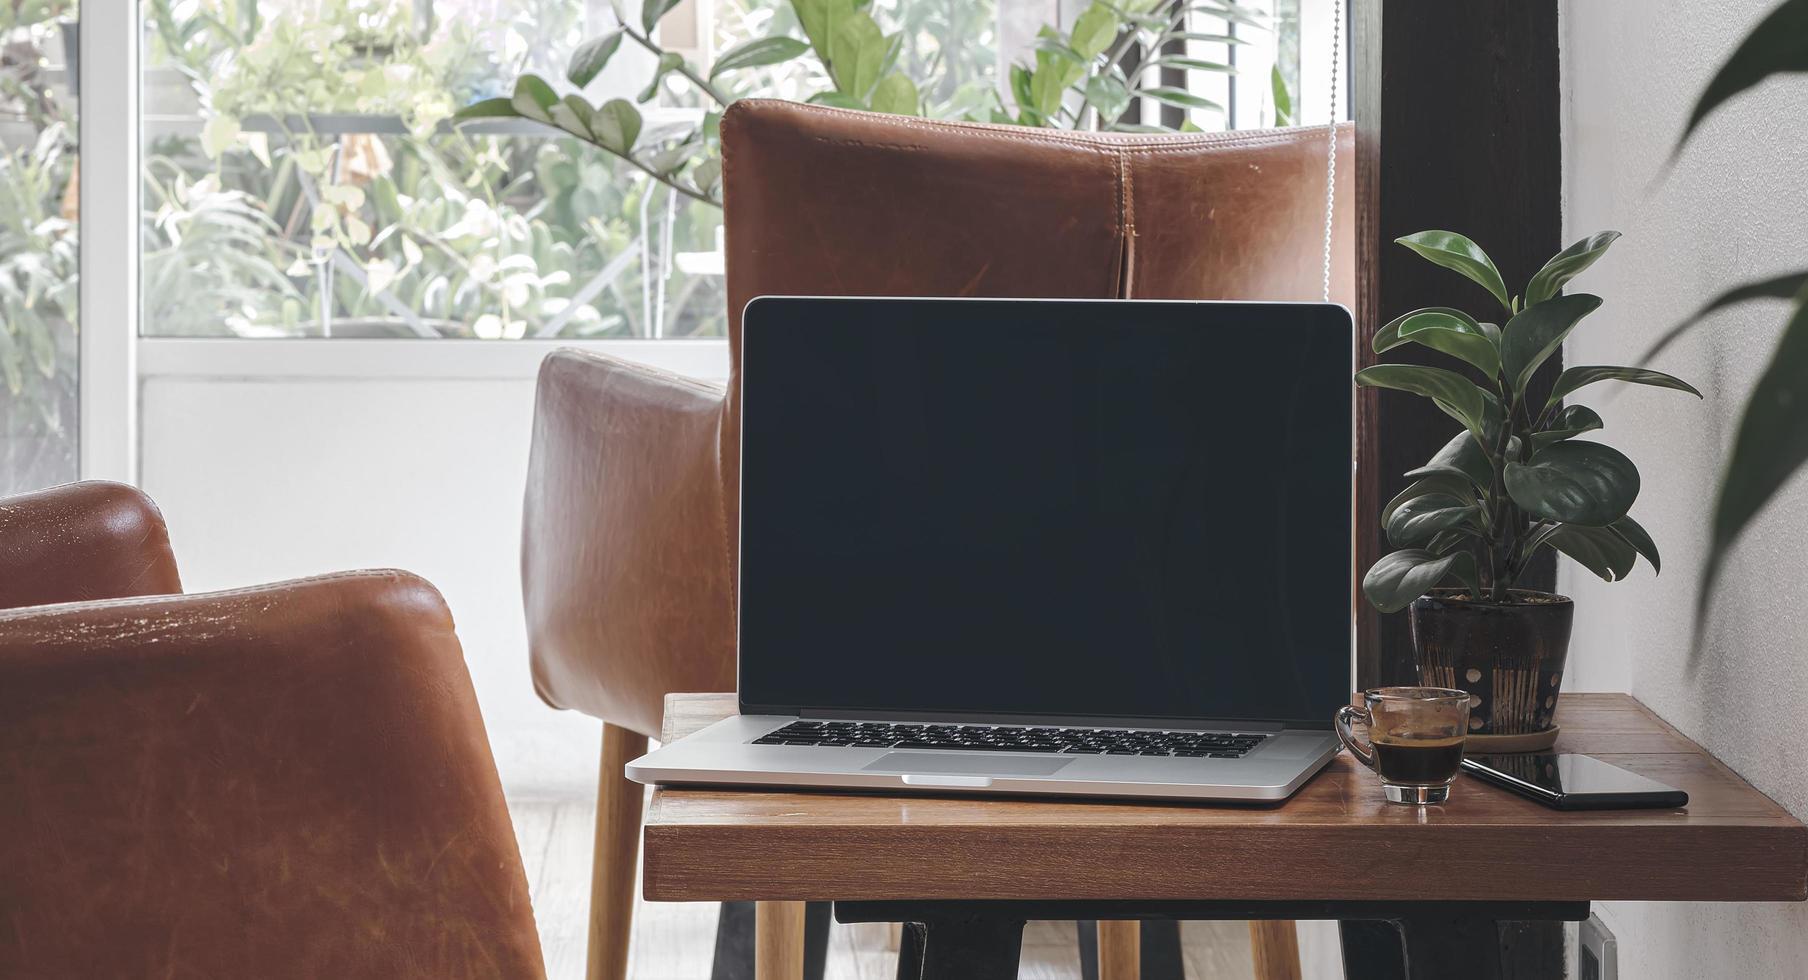 laptop com café expresso e telefone na sala de estar foto